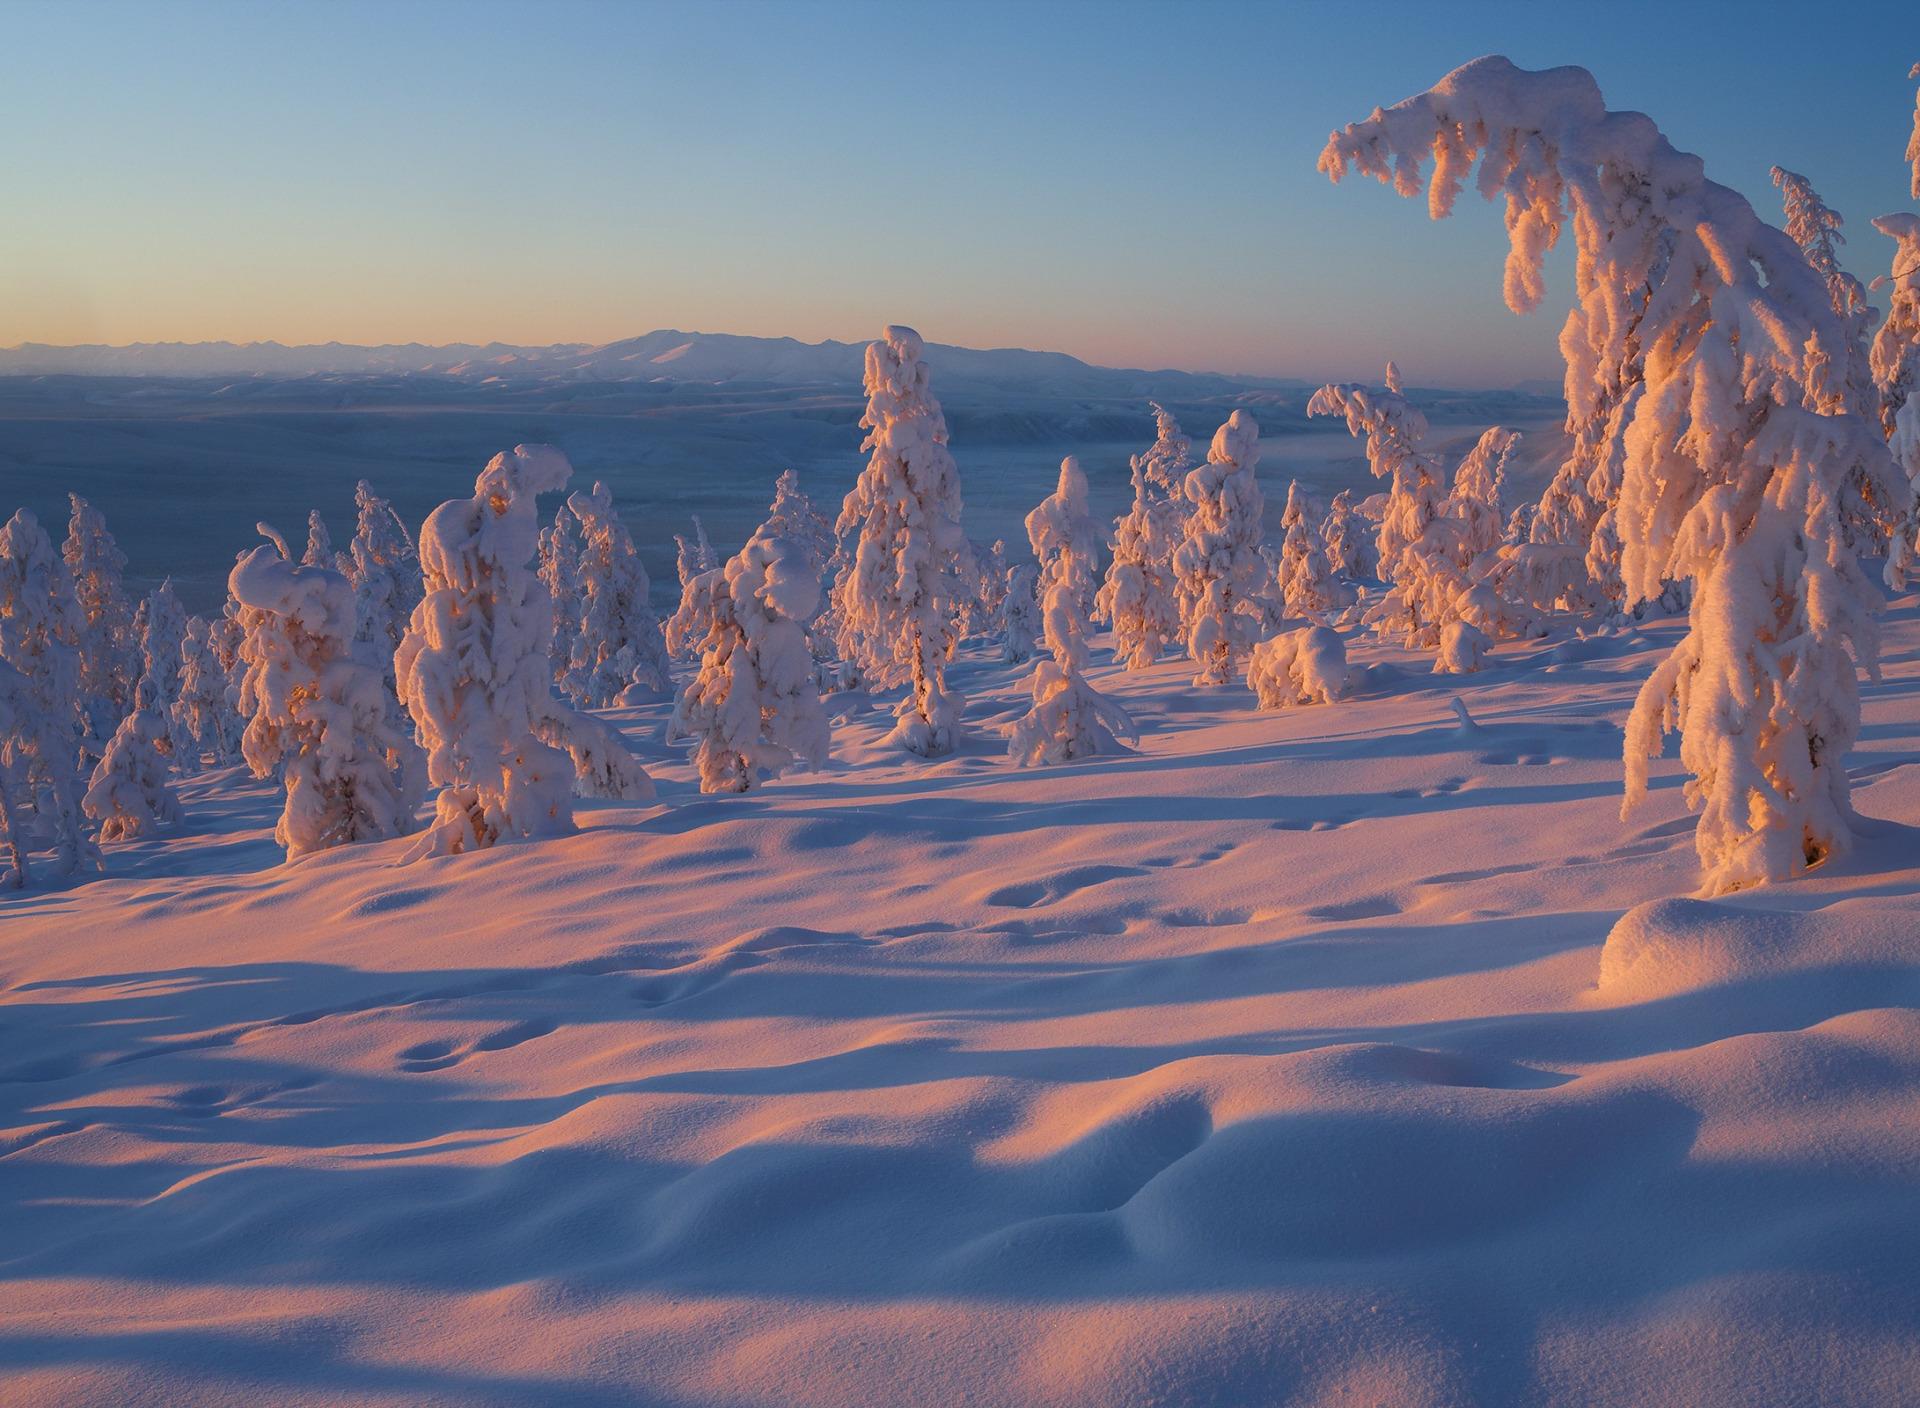 кусково это самый красивый пейзаж в якутии фото обоснованно задавал